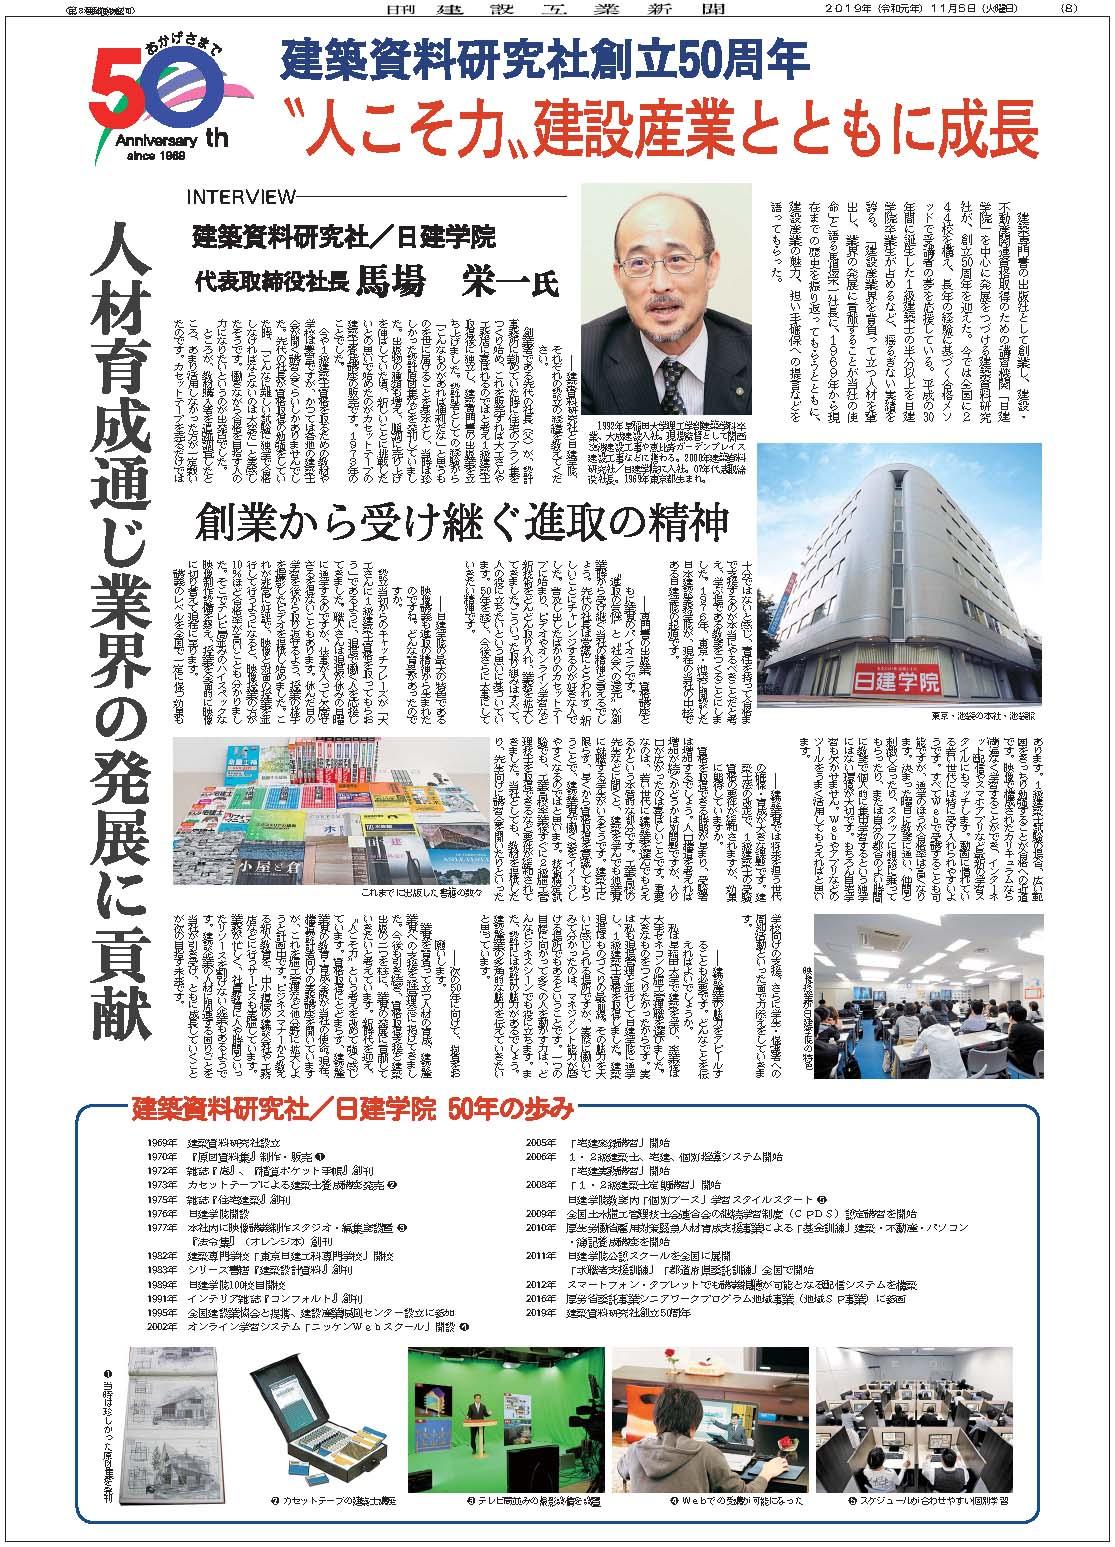 建築資料研究社創立50周年 | 日刊建設工業新聞